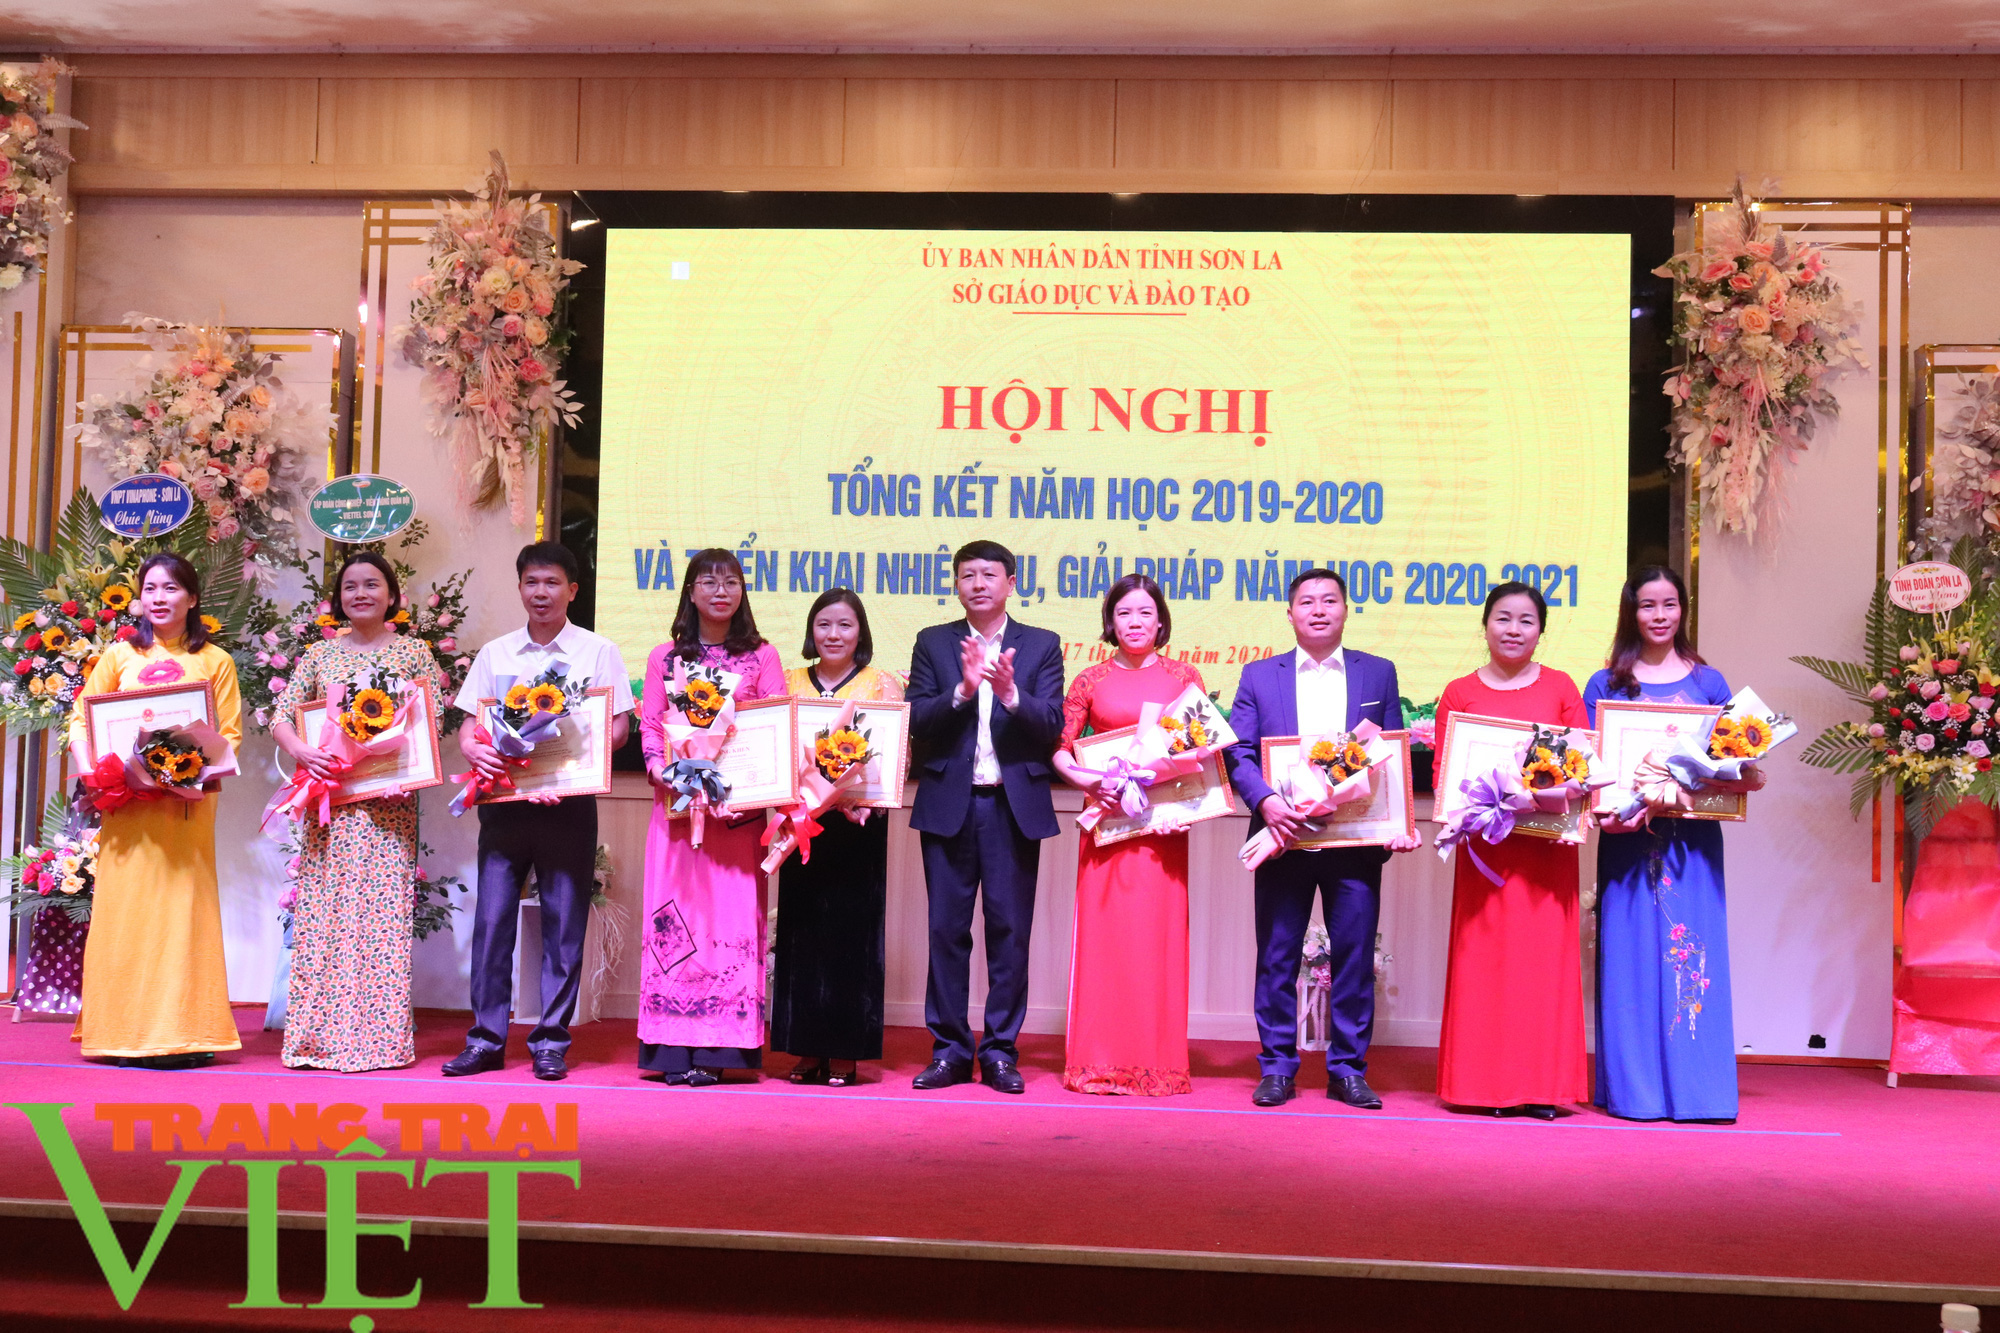 Xây dựng tỉnh Sơn La thành trung tâm giáo dục đào tạo của vùng Tây Bắc - Ảnh 6.